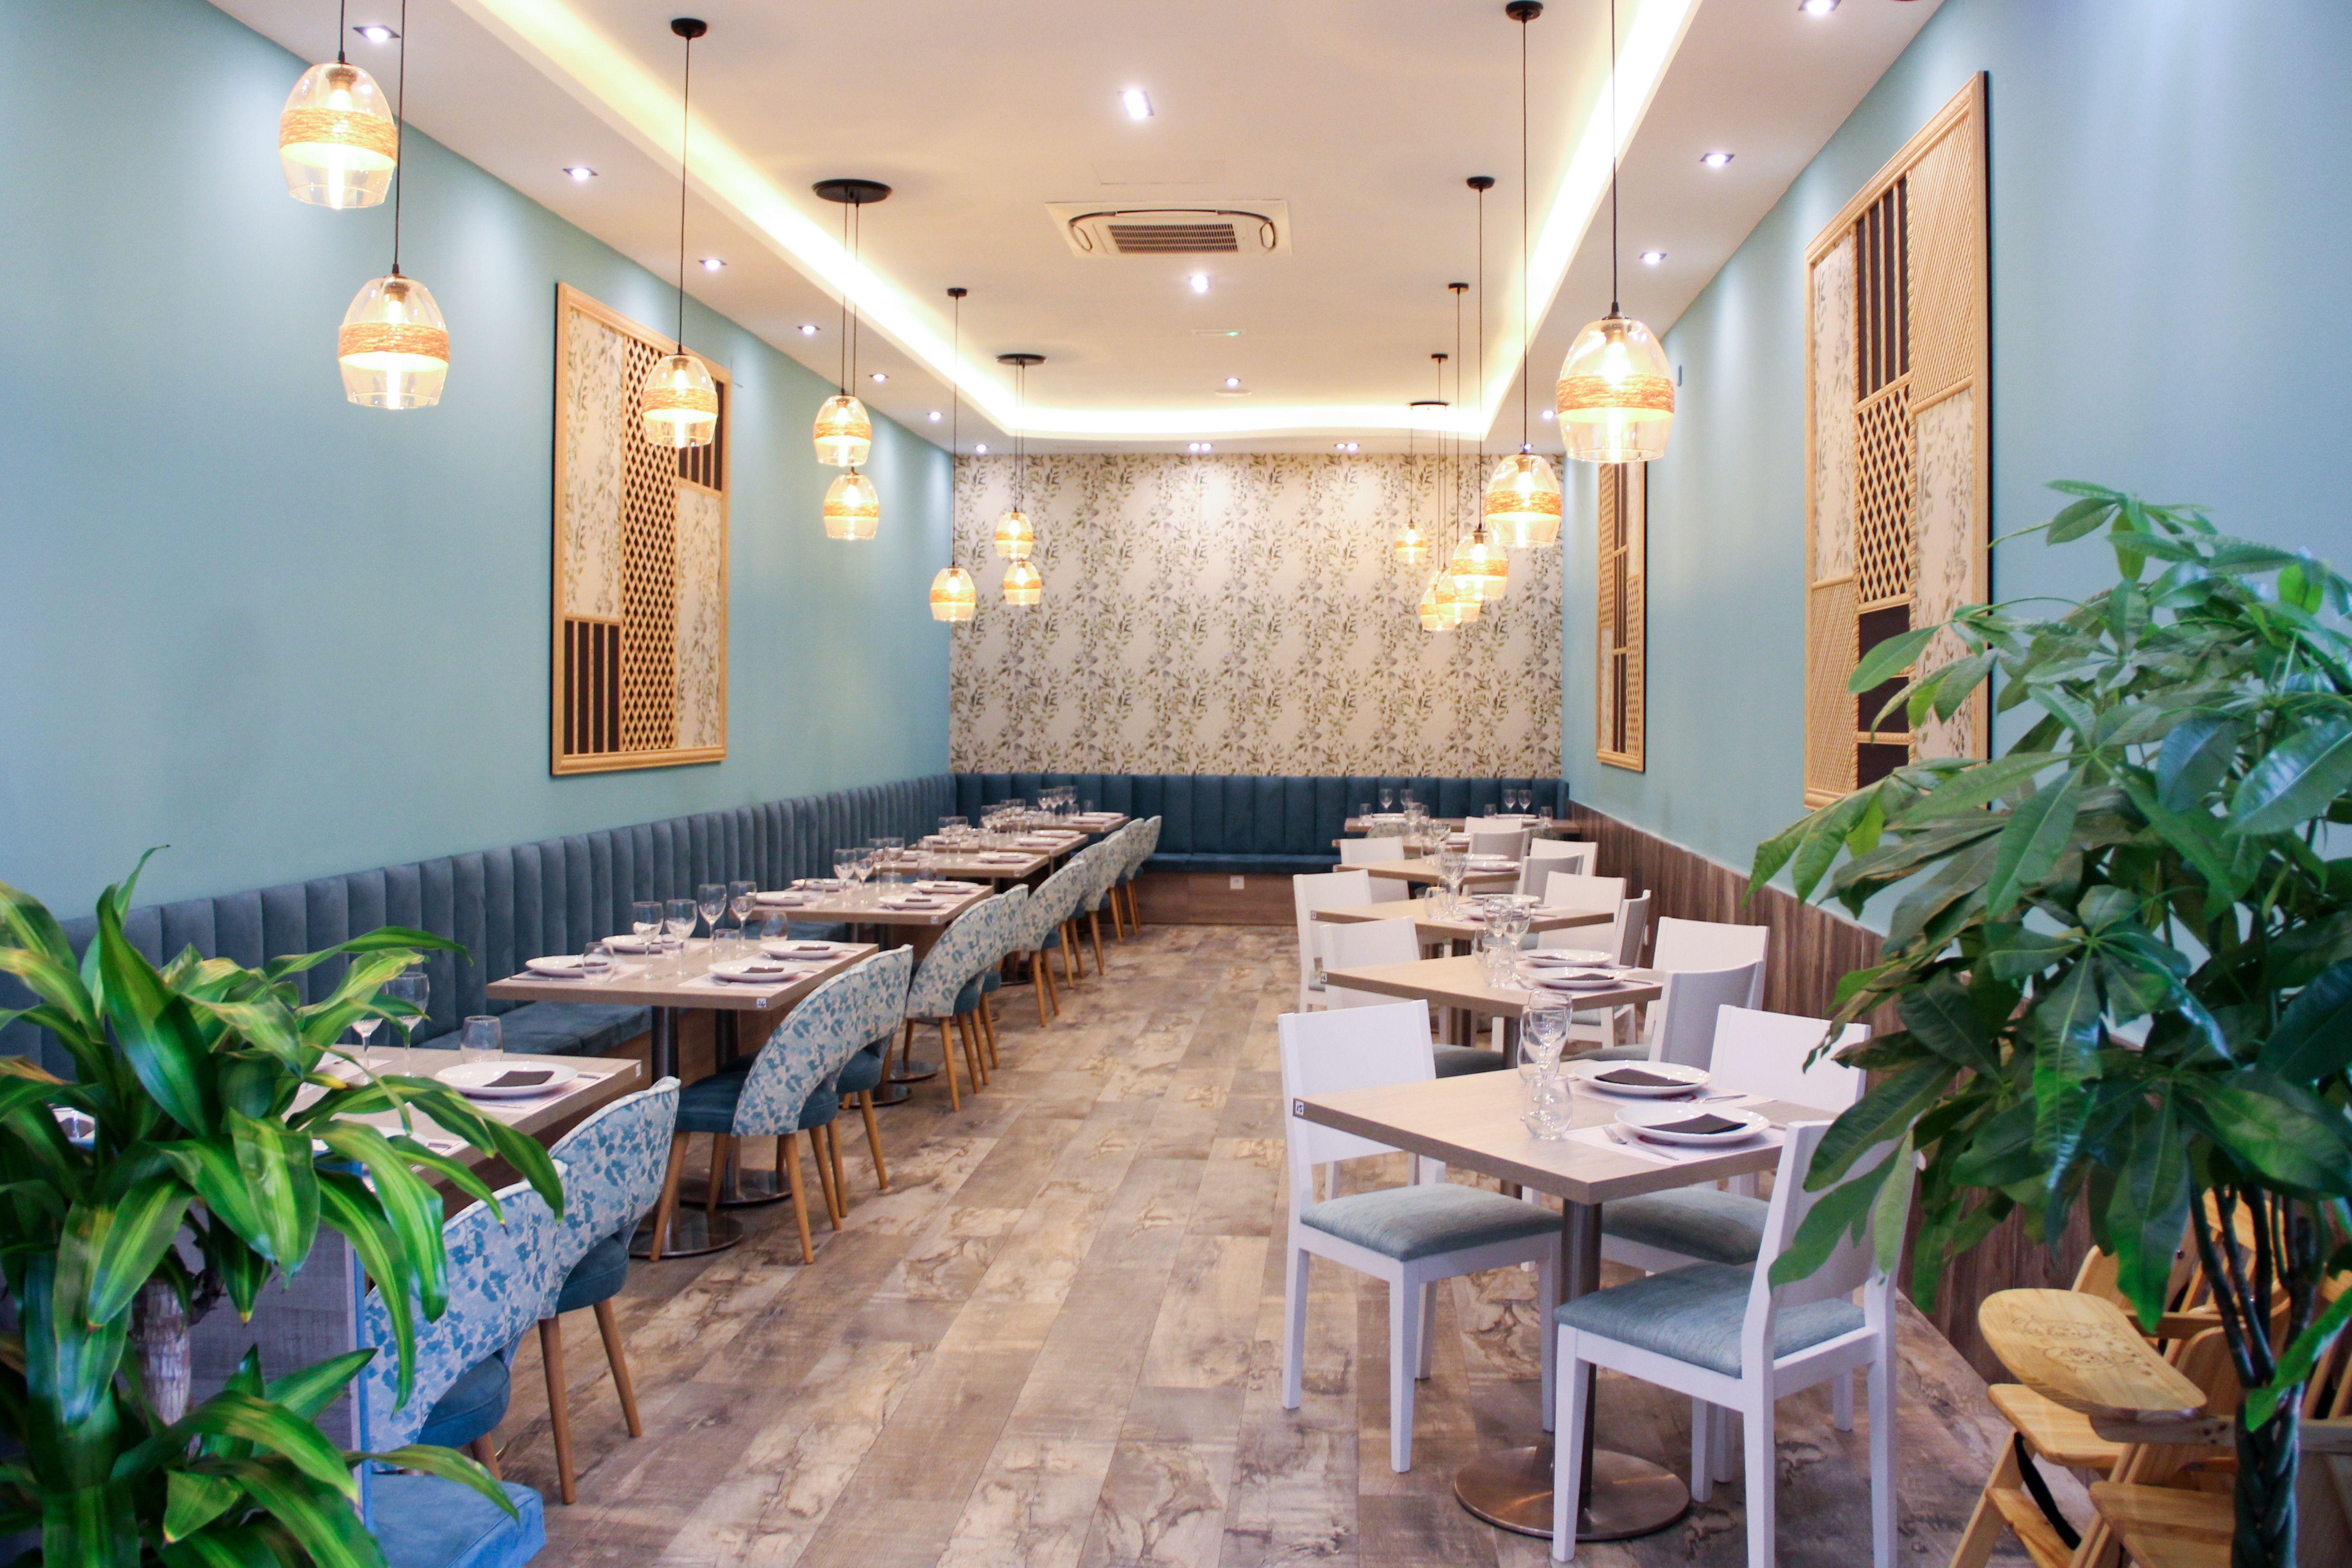 Foto 5 de Cocina asiática en Arganda del Rey | Restaurante Tsuruma